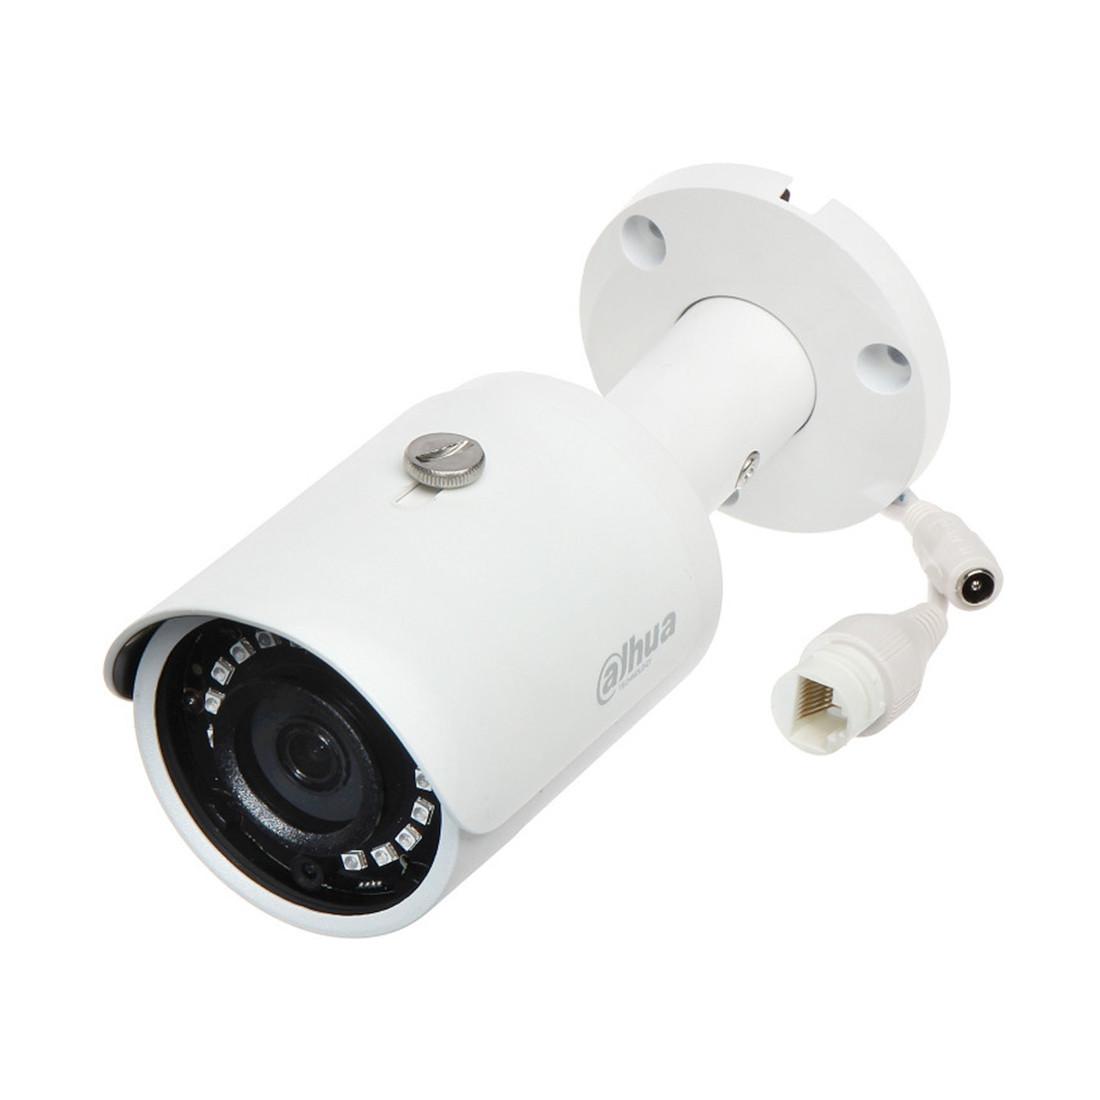 Цилиндрическая видеокамера, Dahua, DH-IPC-HFW1431SP-0280B